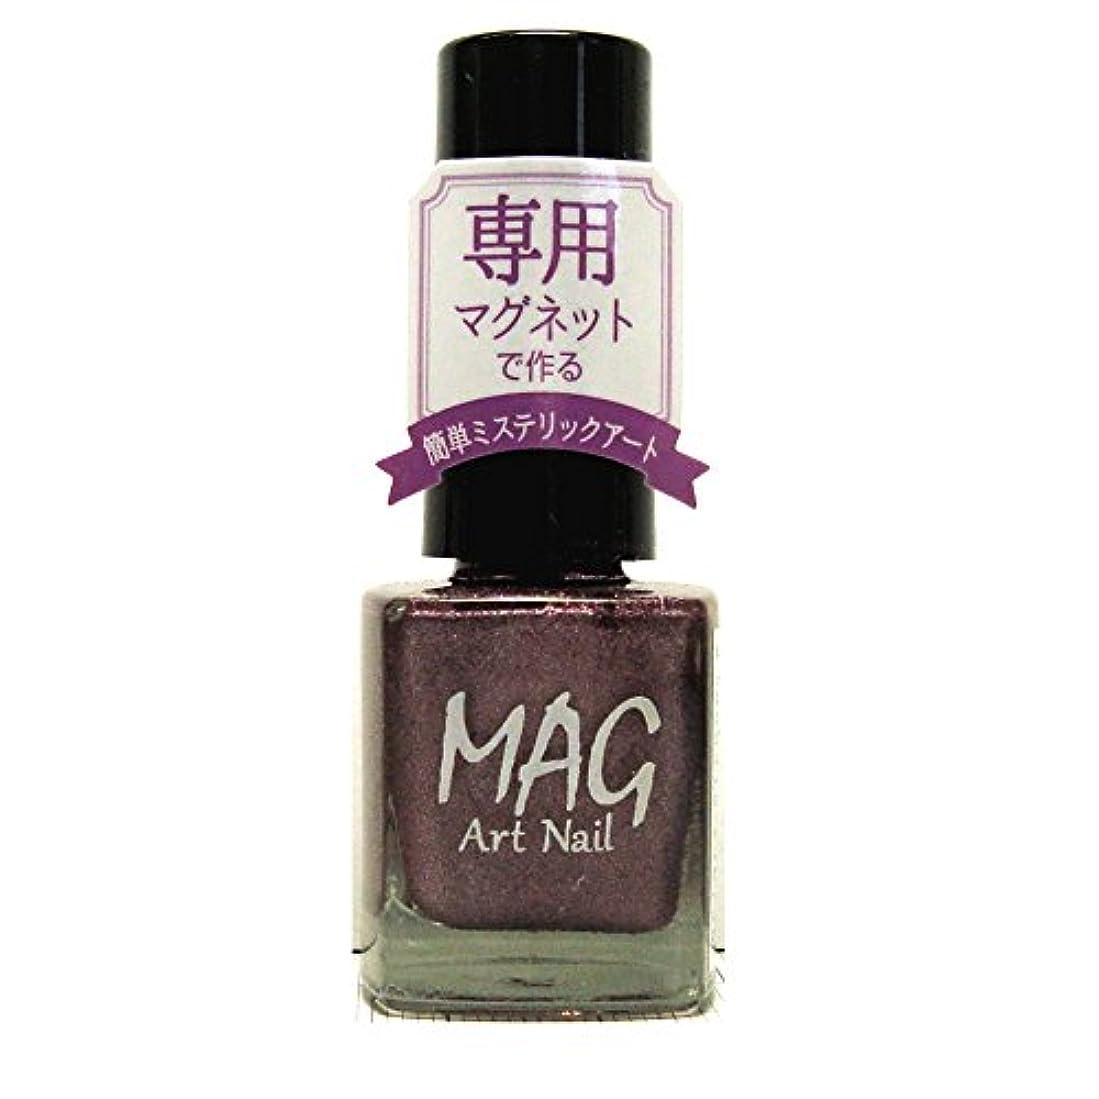 ウナギ一生計画TMマグアートネイル(爪化粧料) TMMA1606 グレースフルグレー